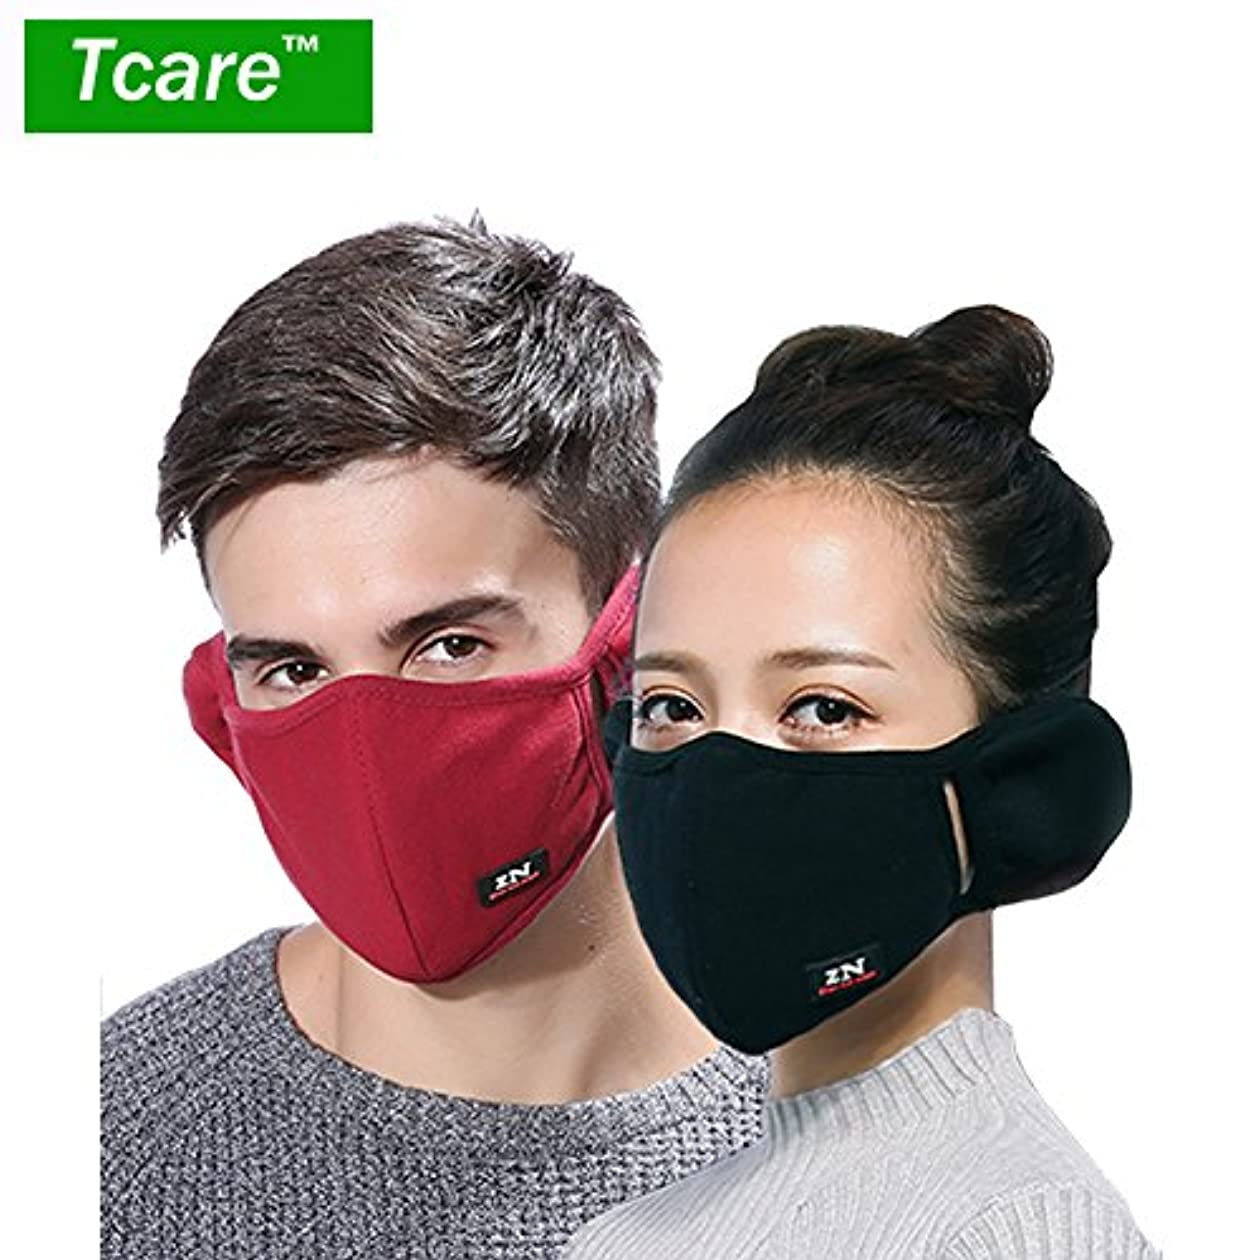 時代有名密輸男性女性の少年少女のためのTcare呼吸器2レイヤピュアコットン保護フィルター挿入口:10紺